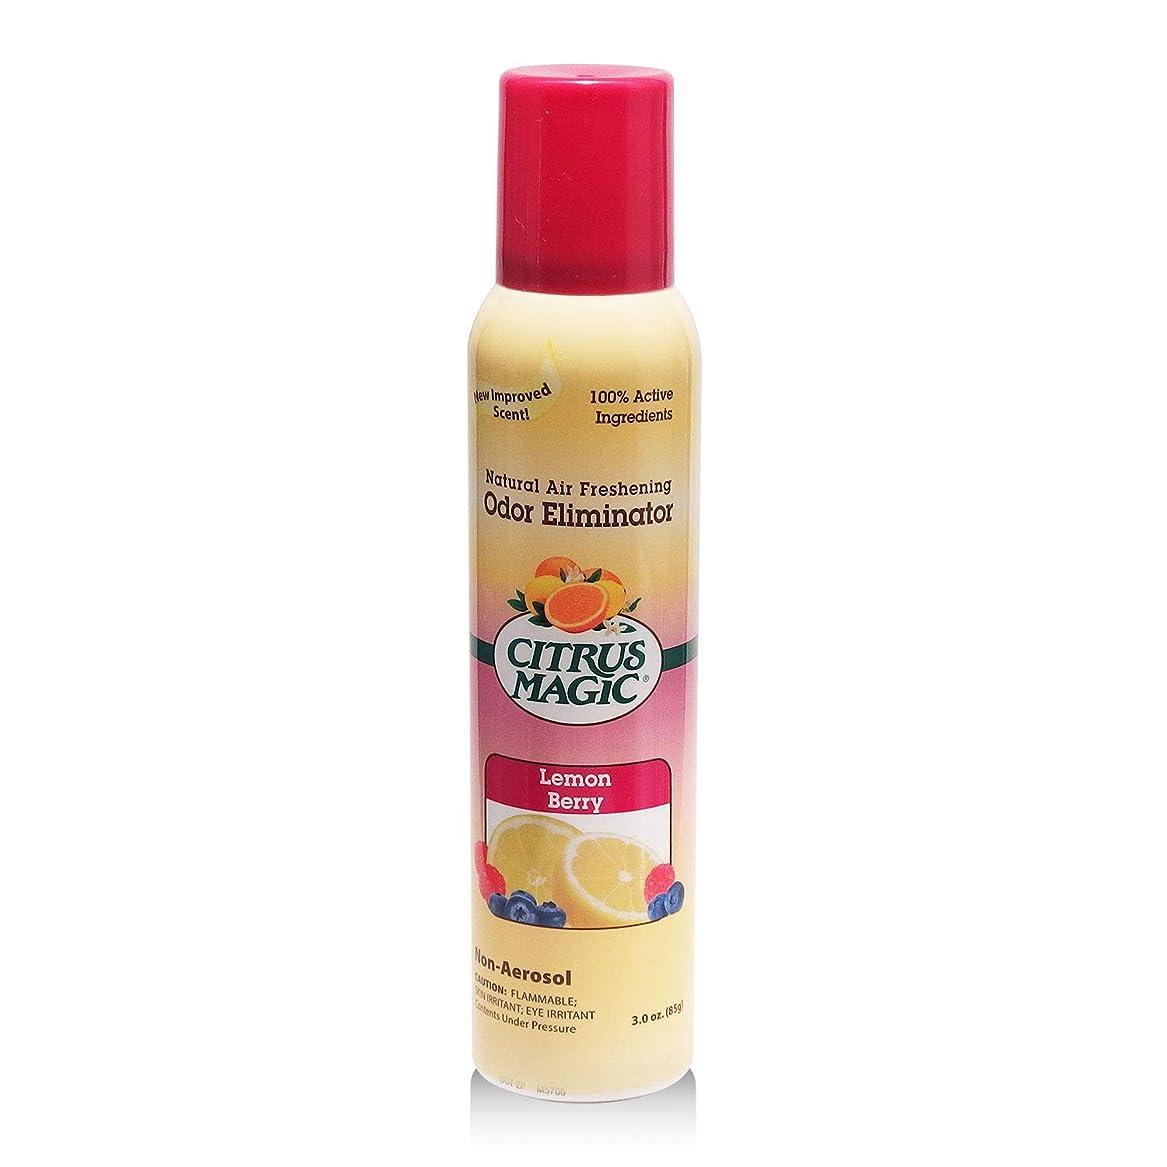 スピン批判的求めるシトラスマジック エア フレッシュナー レモン ラズベリー 103ml 果皮抽出オイルをギュッと詰めた消臭?芳香ルームスプレー